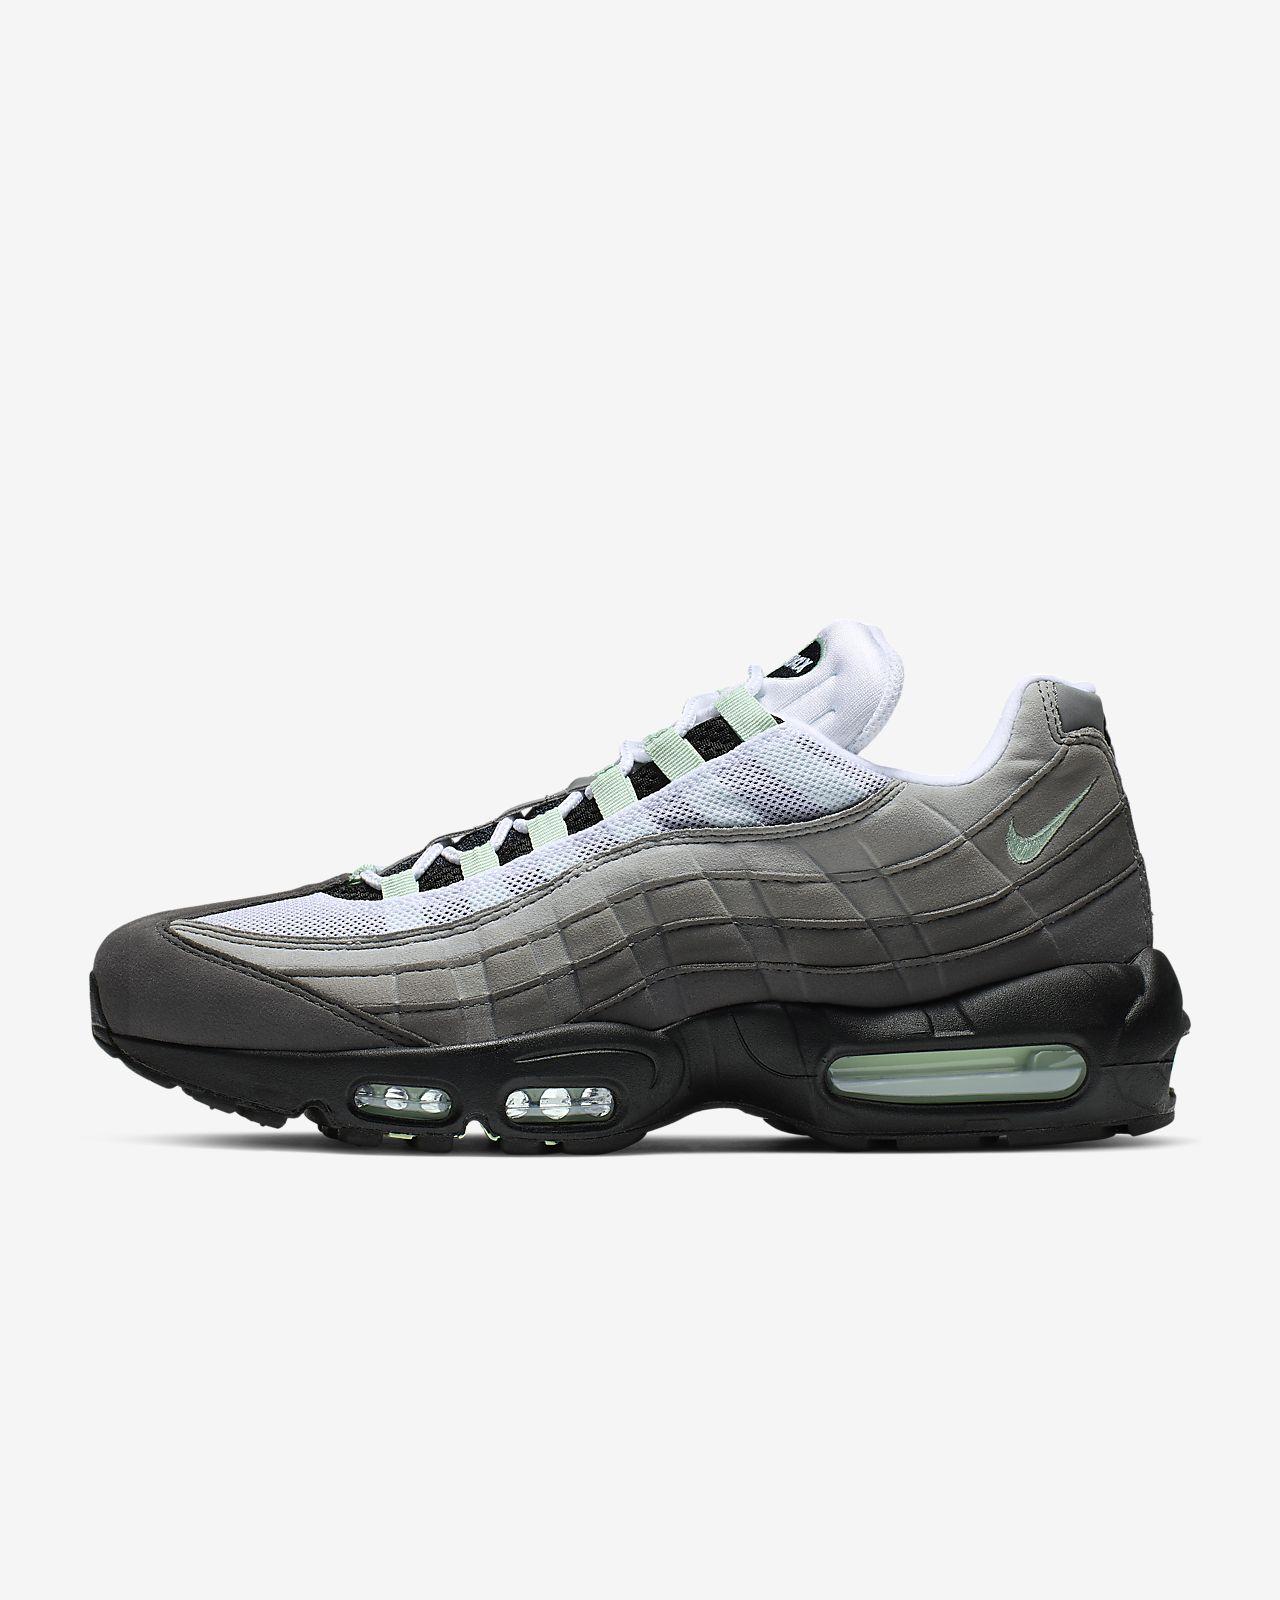 Sko Nike Air Max 95 för män